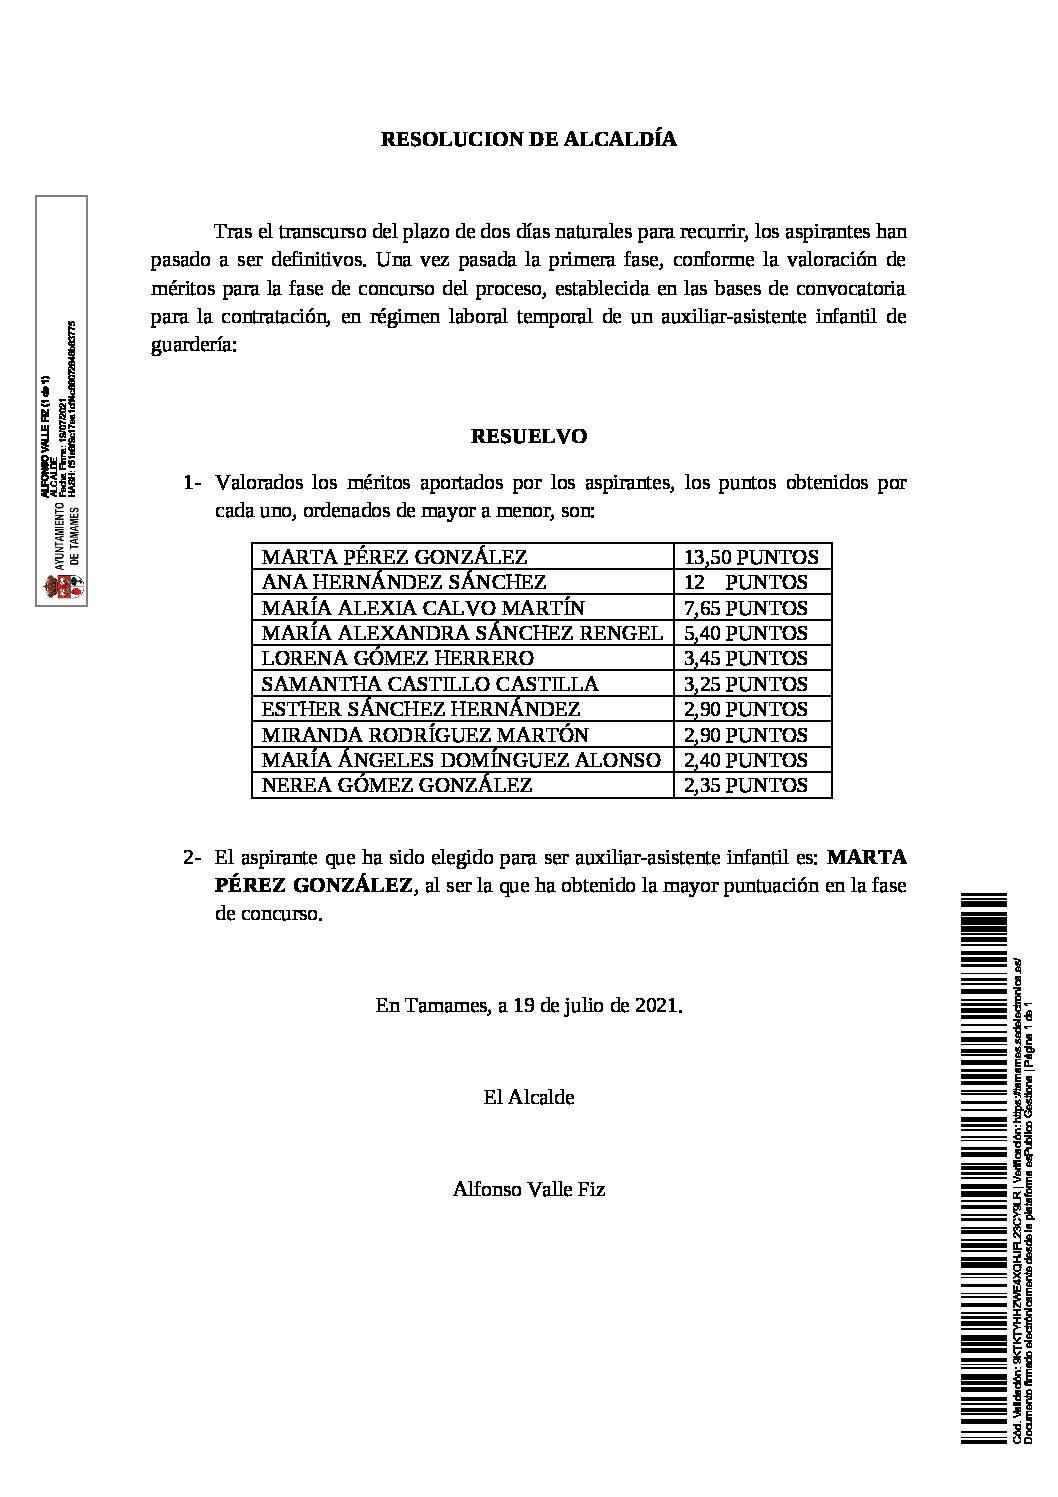 RESOLUCIÓN ALCALDÍA